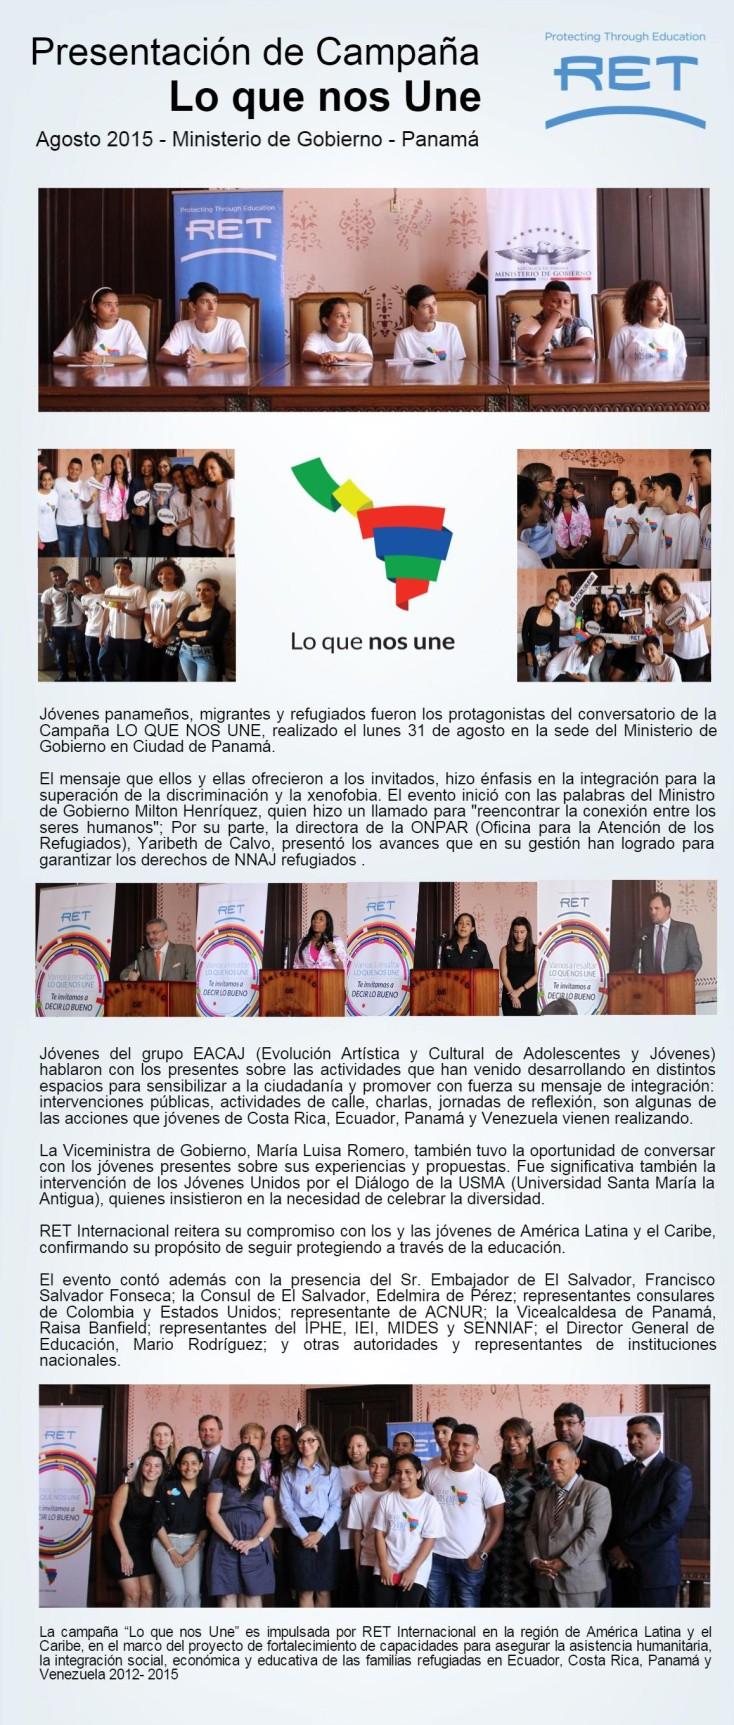 Campaña LO QUE NOS UNE - Evento en Panamá - ONPAR y MINGOB